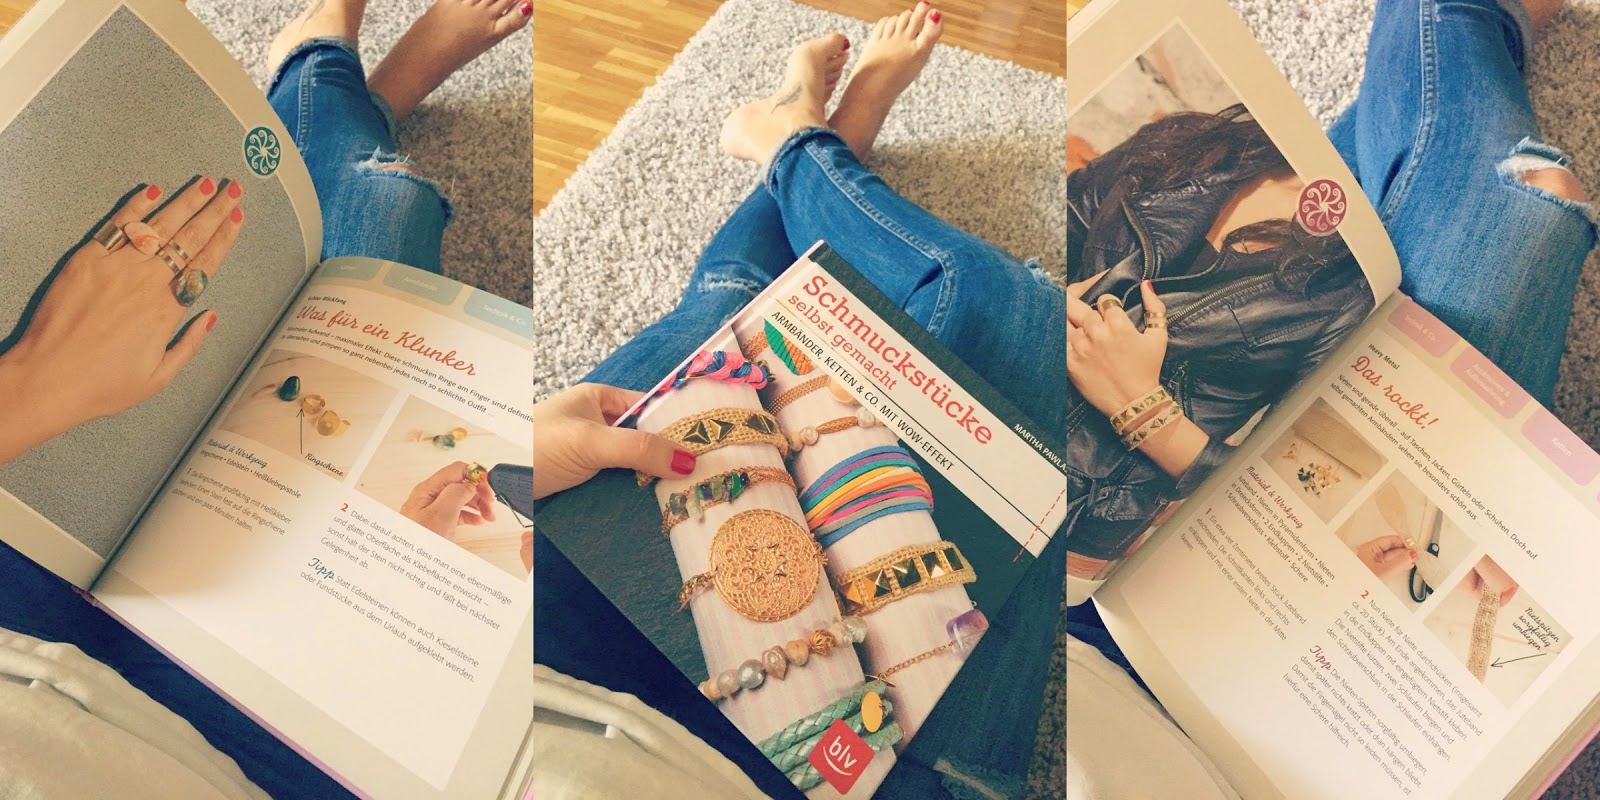 DIY Buch mit Armbändern, Ketten und Aufbewahrungs-Ideen